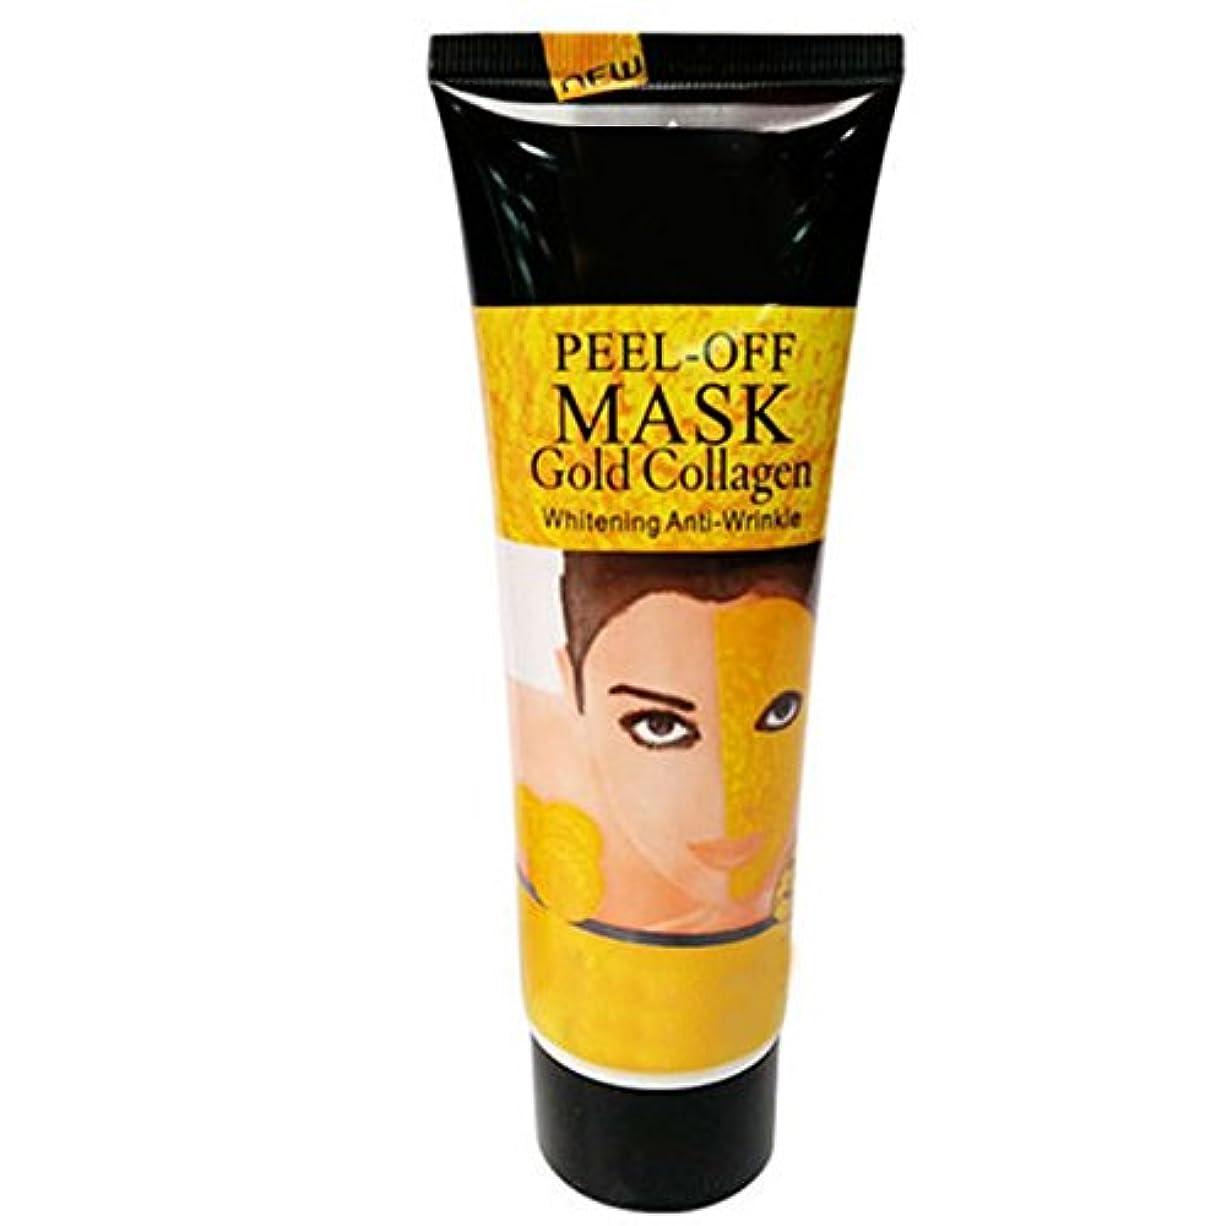 好色な幻滅目立つFunwill 24Kゴールドマスク ゴールドコラーゲンパック アンチエイジングパック スキンケアマスク しわ、黒ずみ、しみなどを除き たるみ肌改善 くすみ改善 しっかりしている肌に戻る